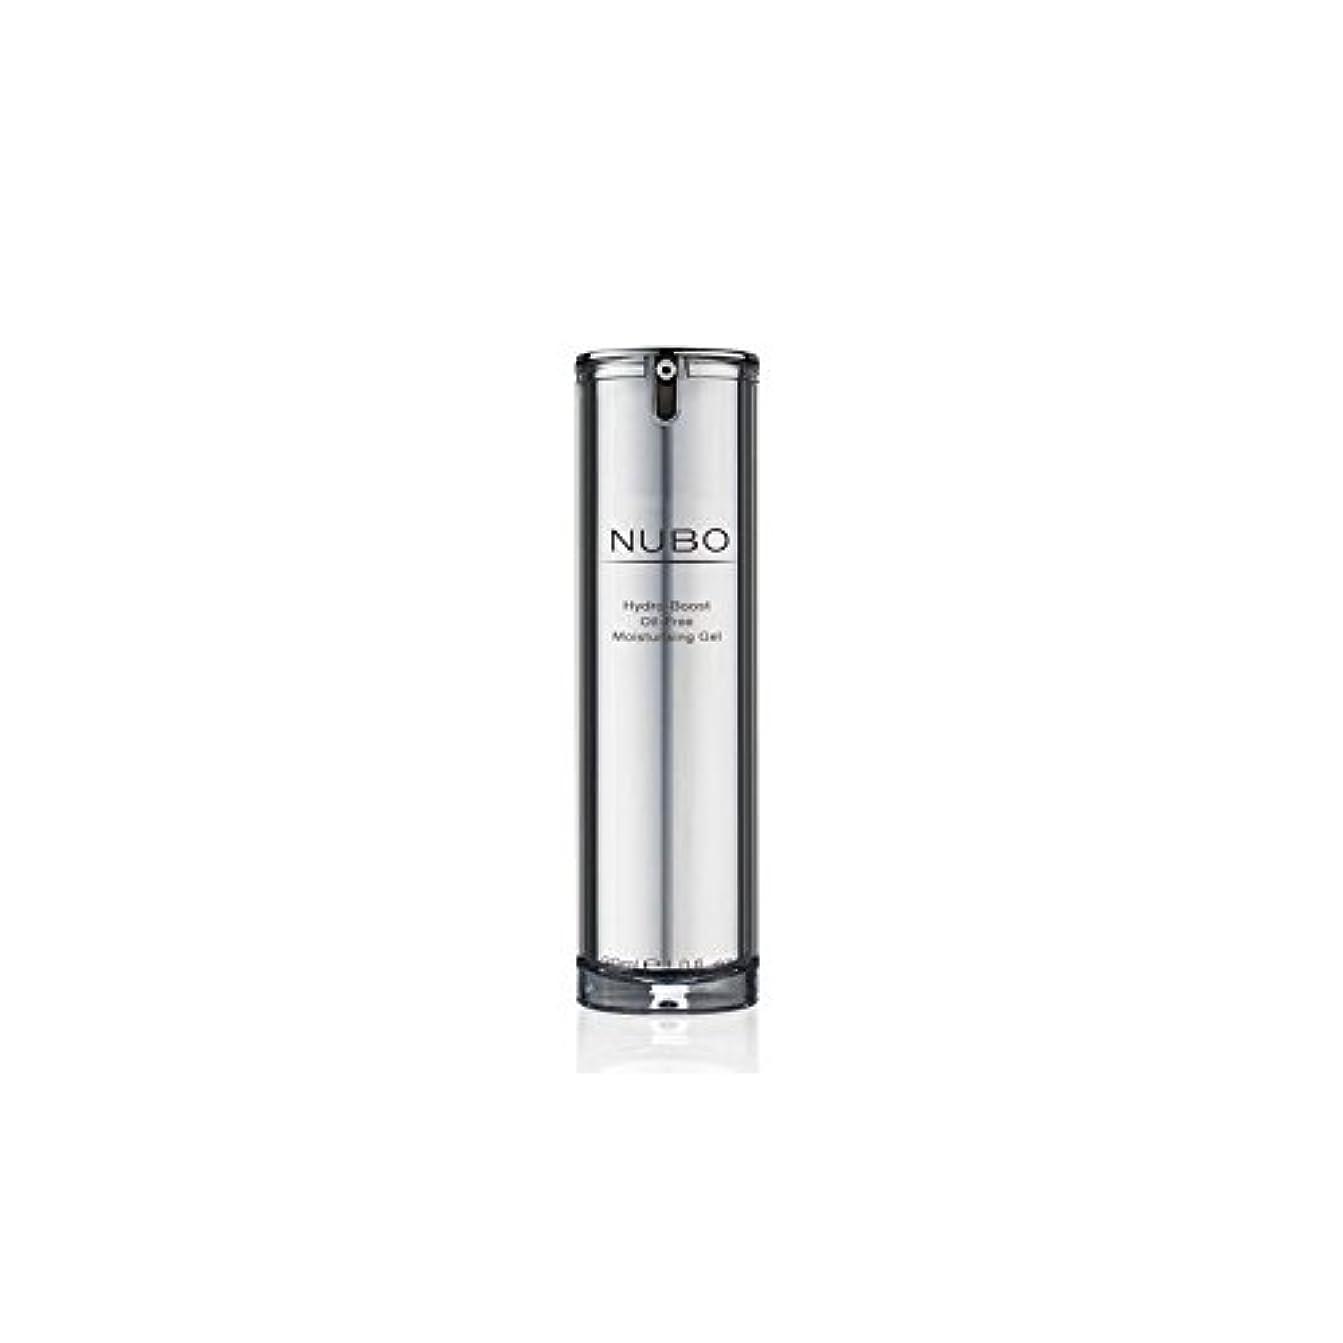 残忍なトークン墓水力ブーストオイルフリーの保湿ジェル(30ミリリットル) x4 - Nubo Hydro Boost Oil Free Moisturising Gel (30ml) (Pack of 4) [並行輸入品]